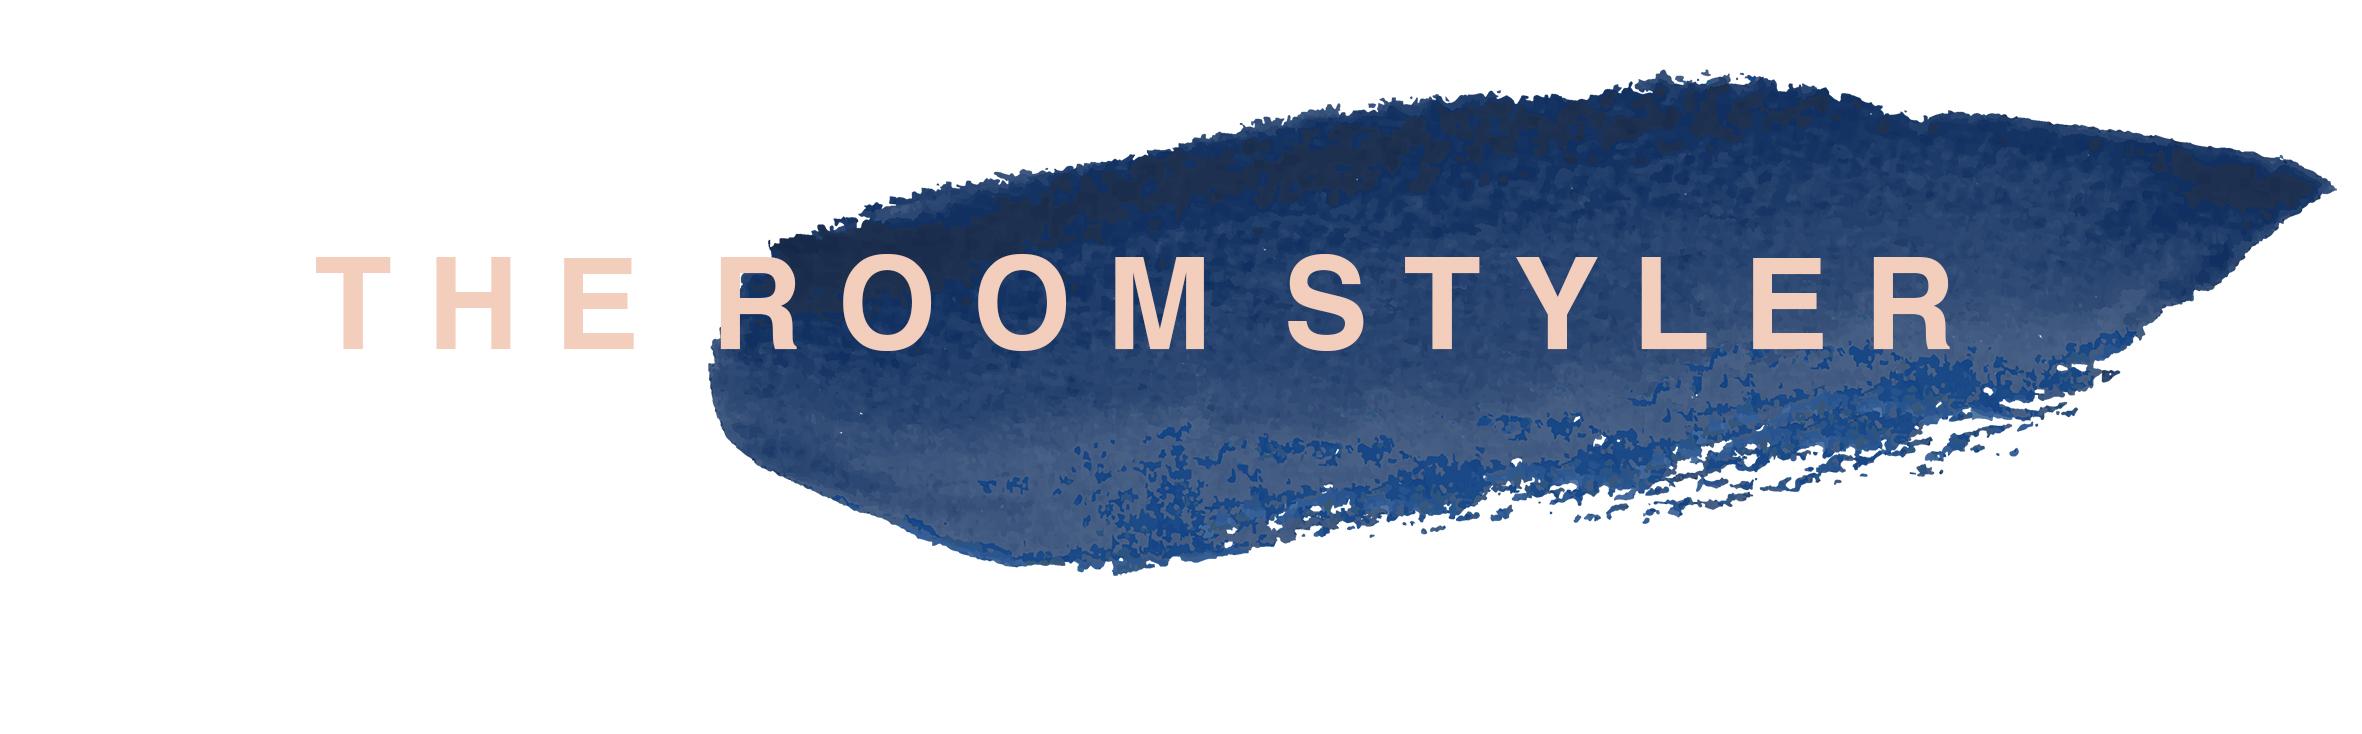 The Room Styler - mini.jpg